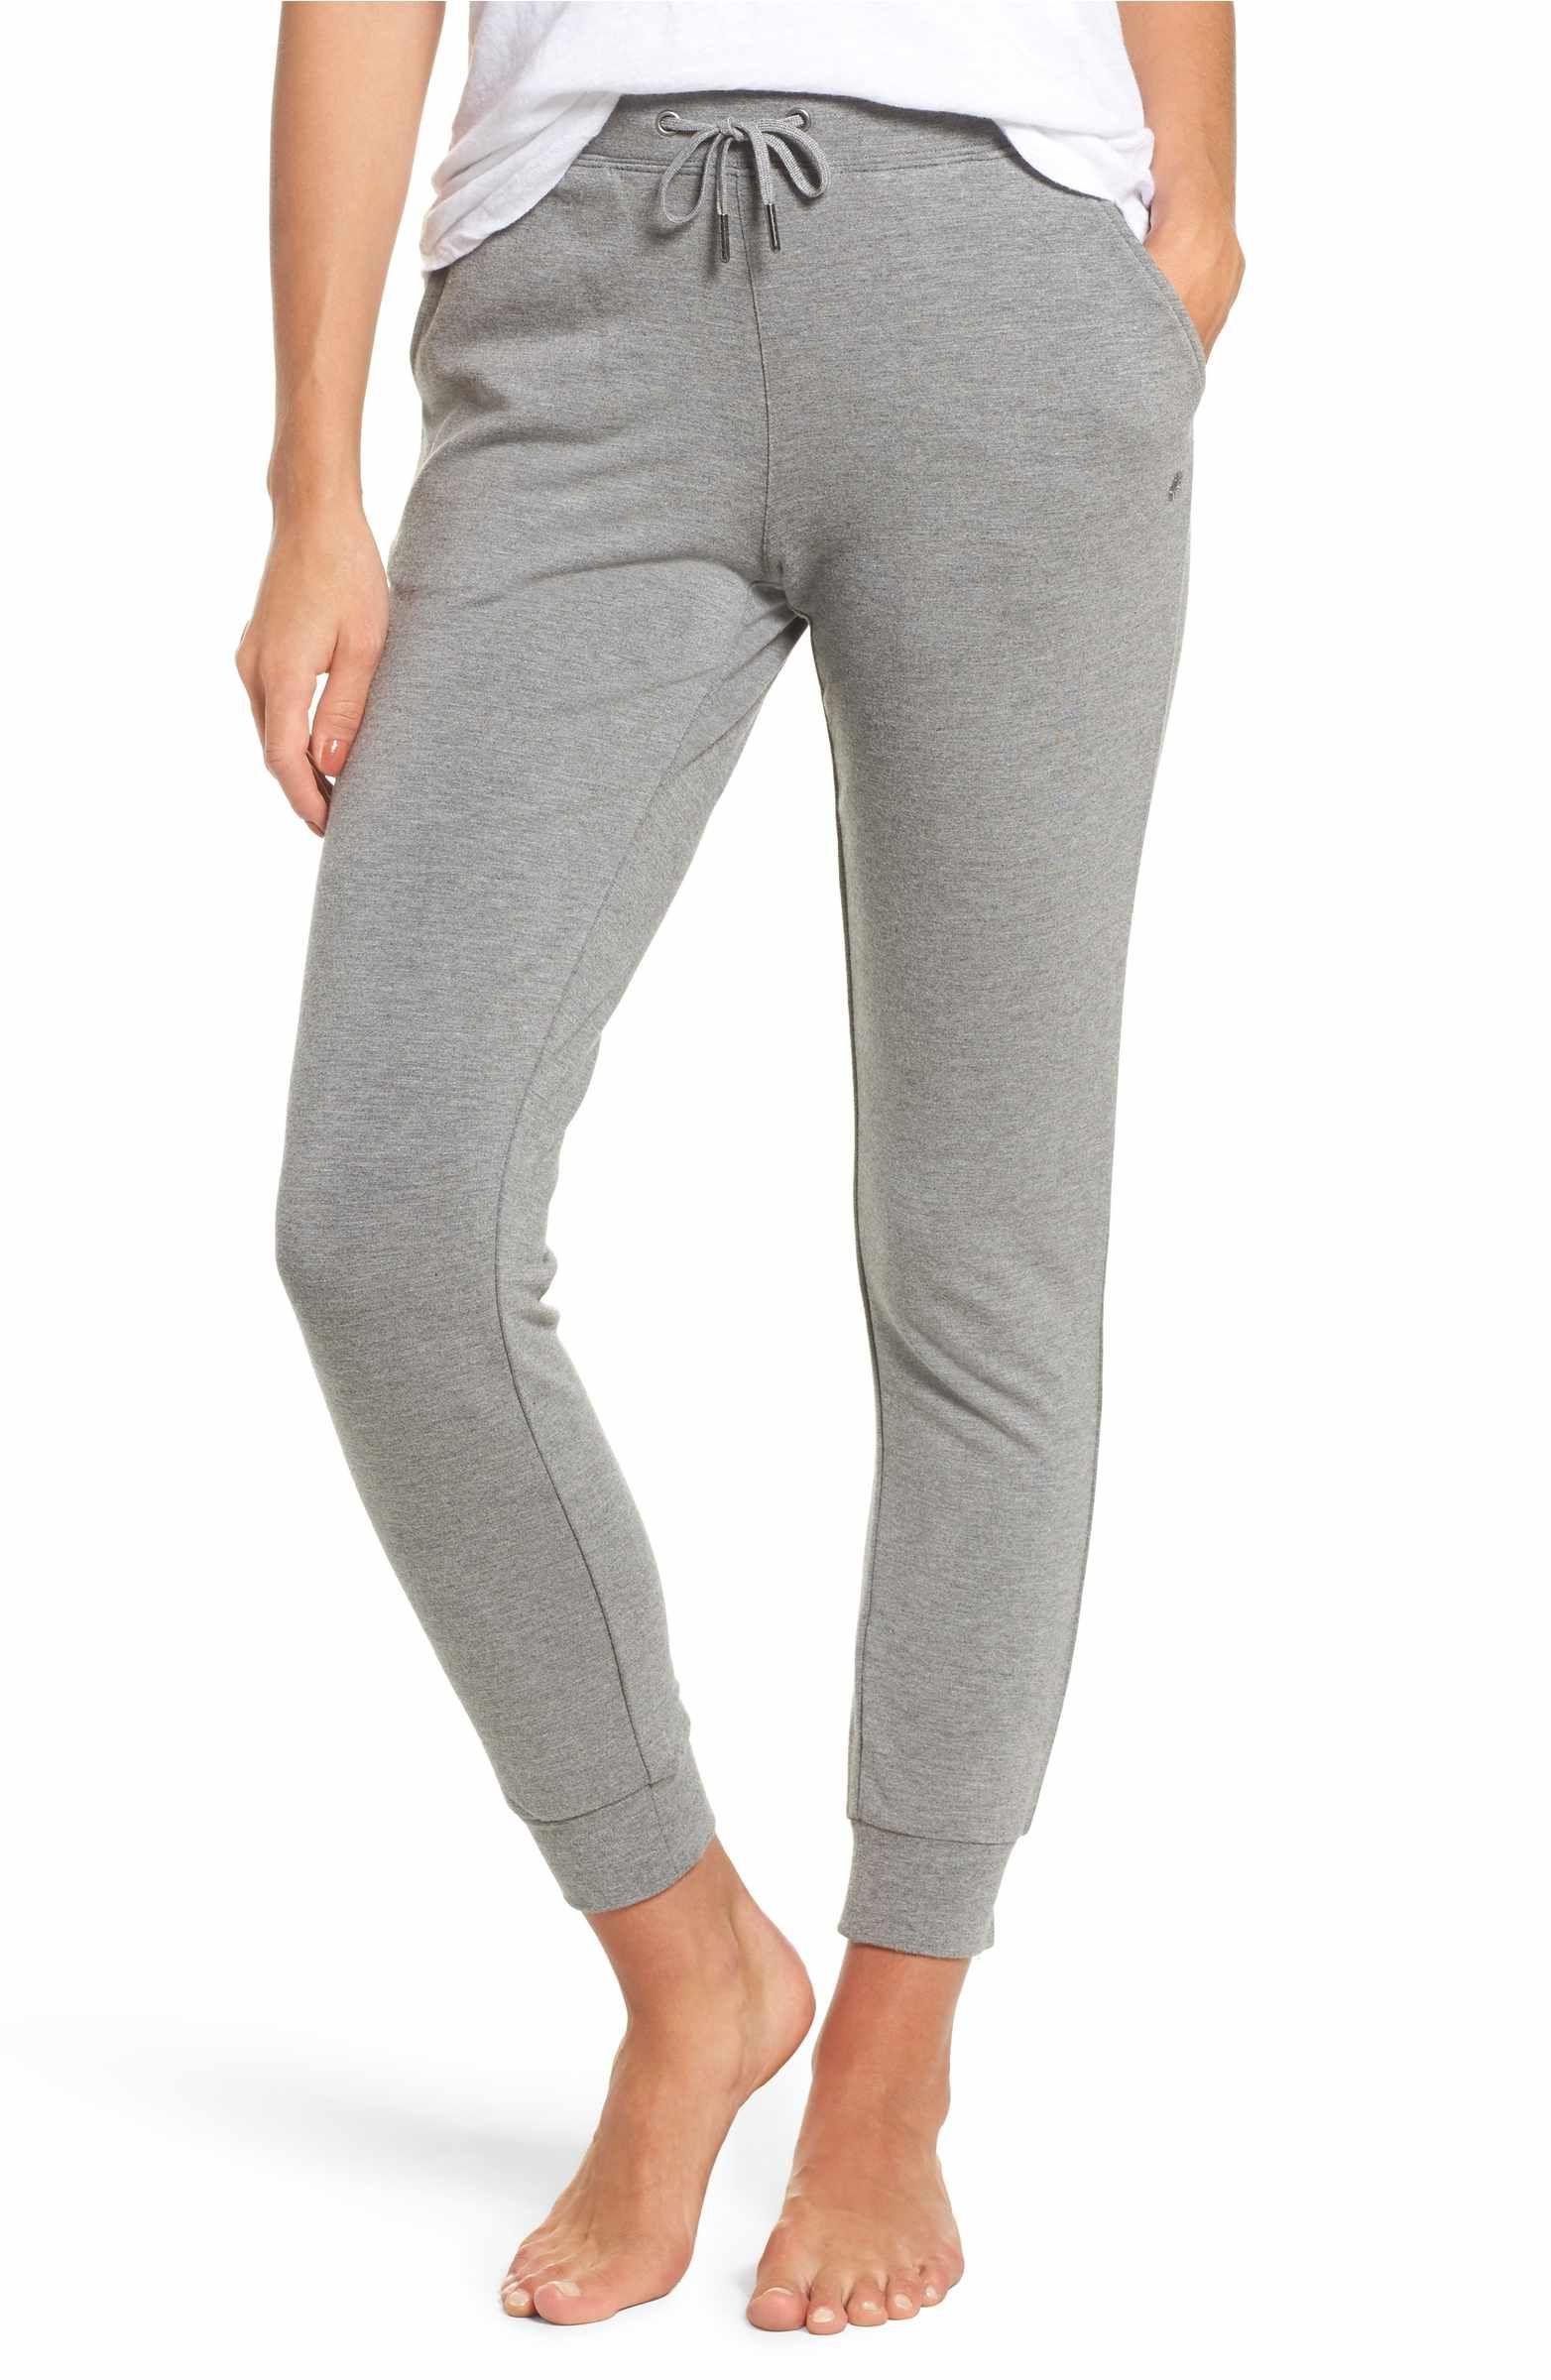 Ugg Cozy Fleece Jogger Pants 98 00 Comfy Sleepwear